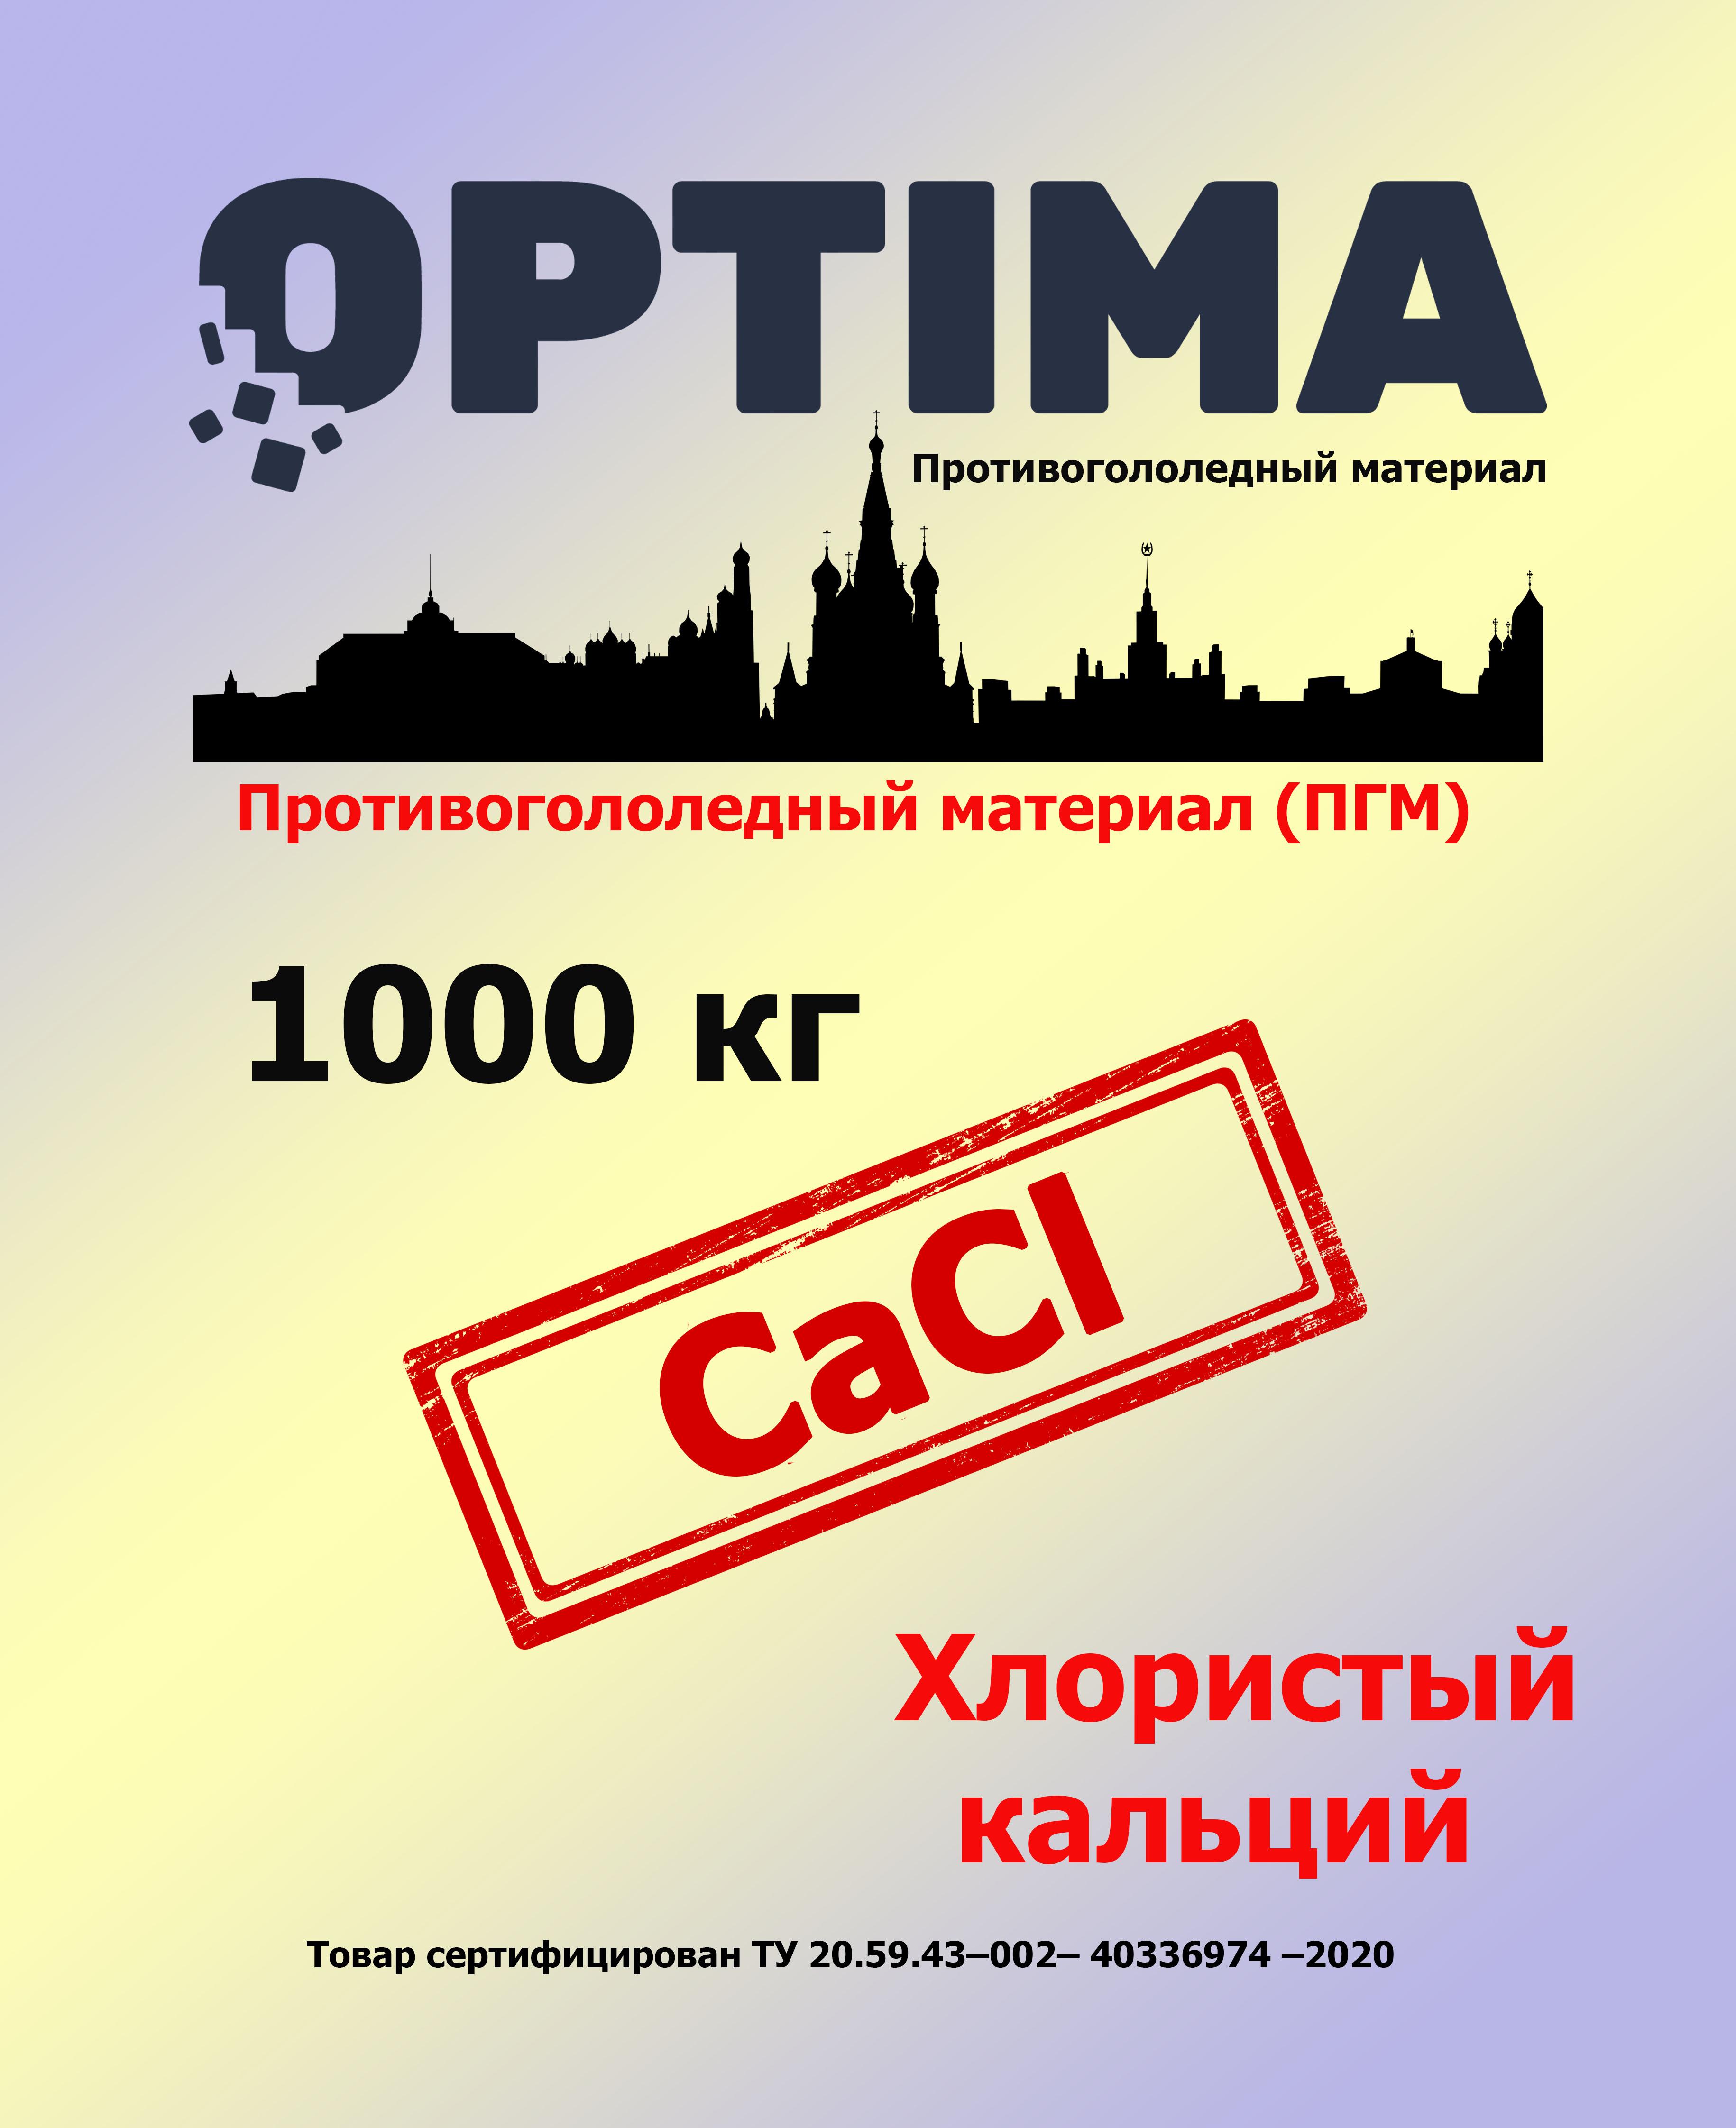 Противогололедный материал Optima ХК (ПГМ, Хлористый кальций, до -31 °C)